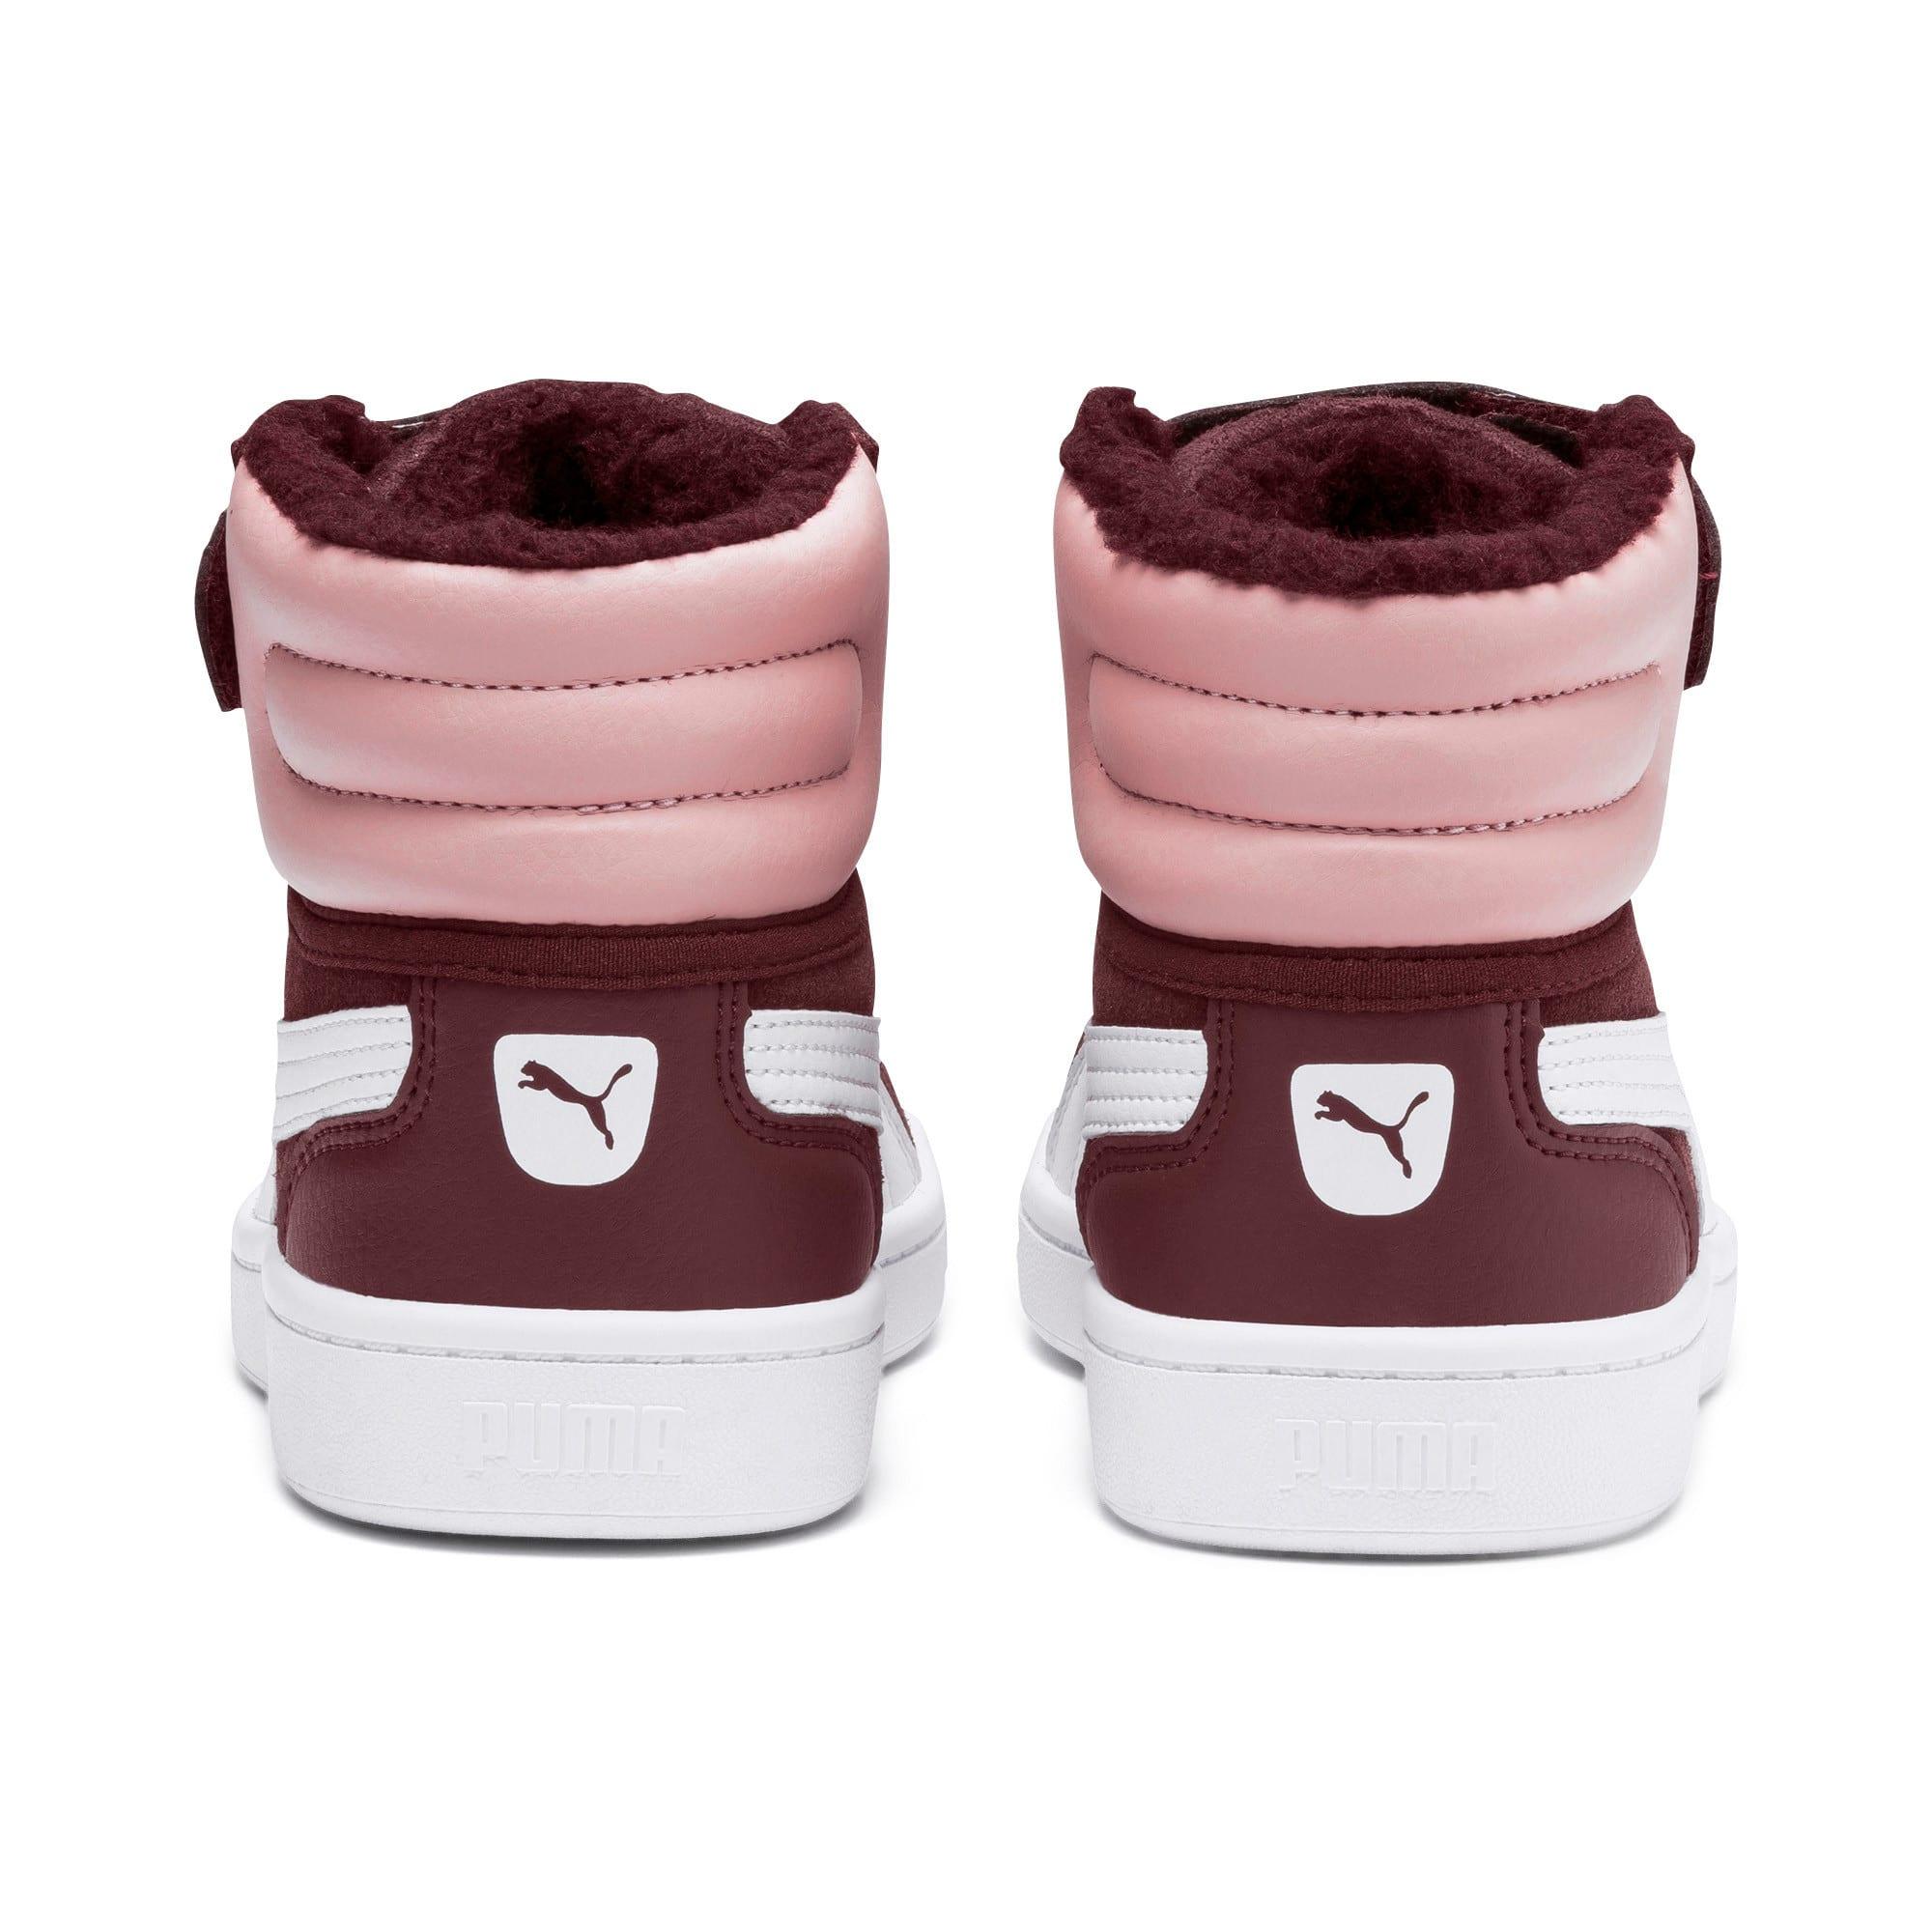 Thumbnail 3 of PUMA Vikky v2 Mid Fur Little Kids' Shoes, Vineyard Wine-B Rose-White, medium